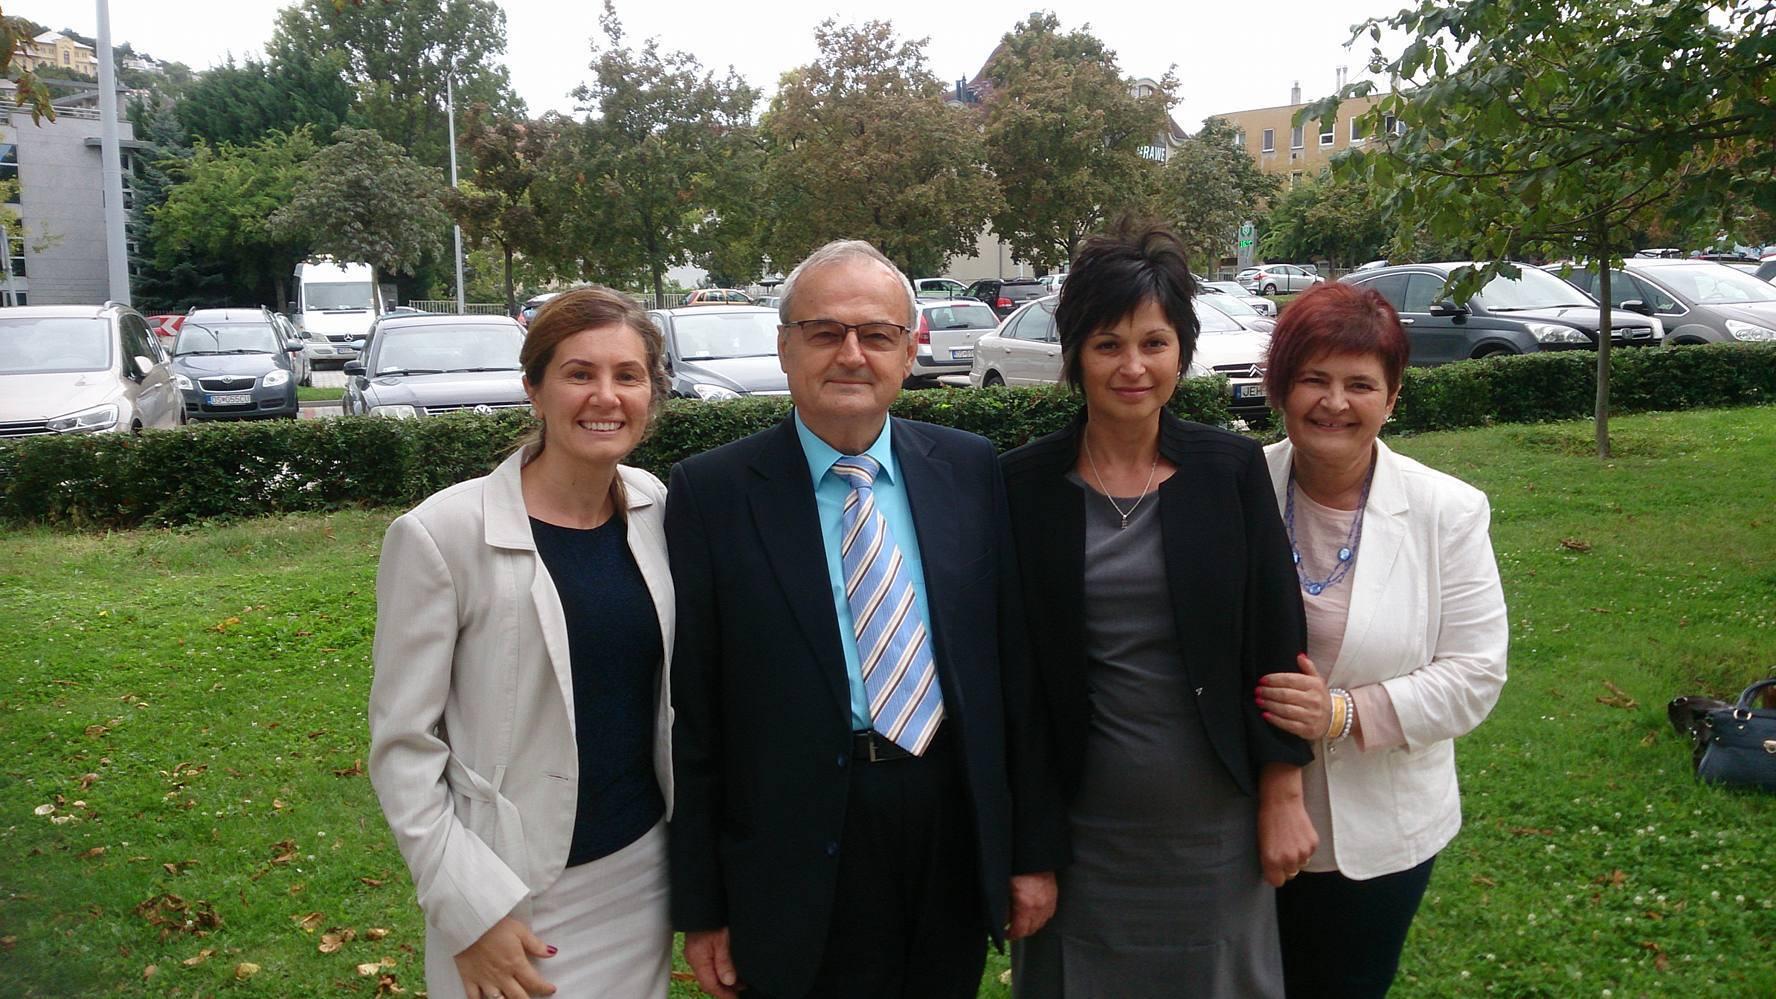 Kis Edith (jobbról a második) az őszi, budapesti nagyrendezvényen Szabó Sigfriddel és felső vonalával, Zsigmond Júliával (balról) és Kosiba Ilivel (jobbról)